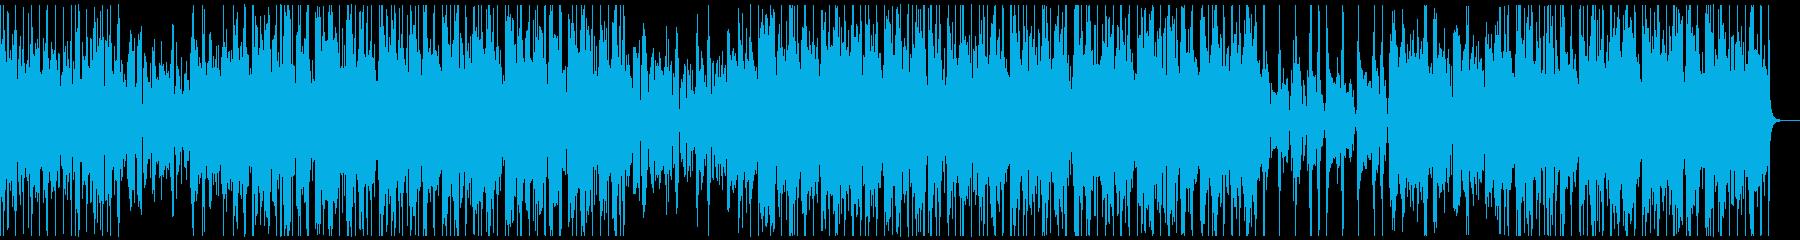 ローファイでチルなビートの再生済みの波形